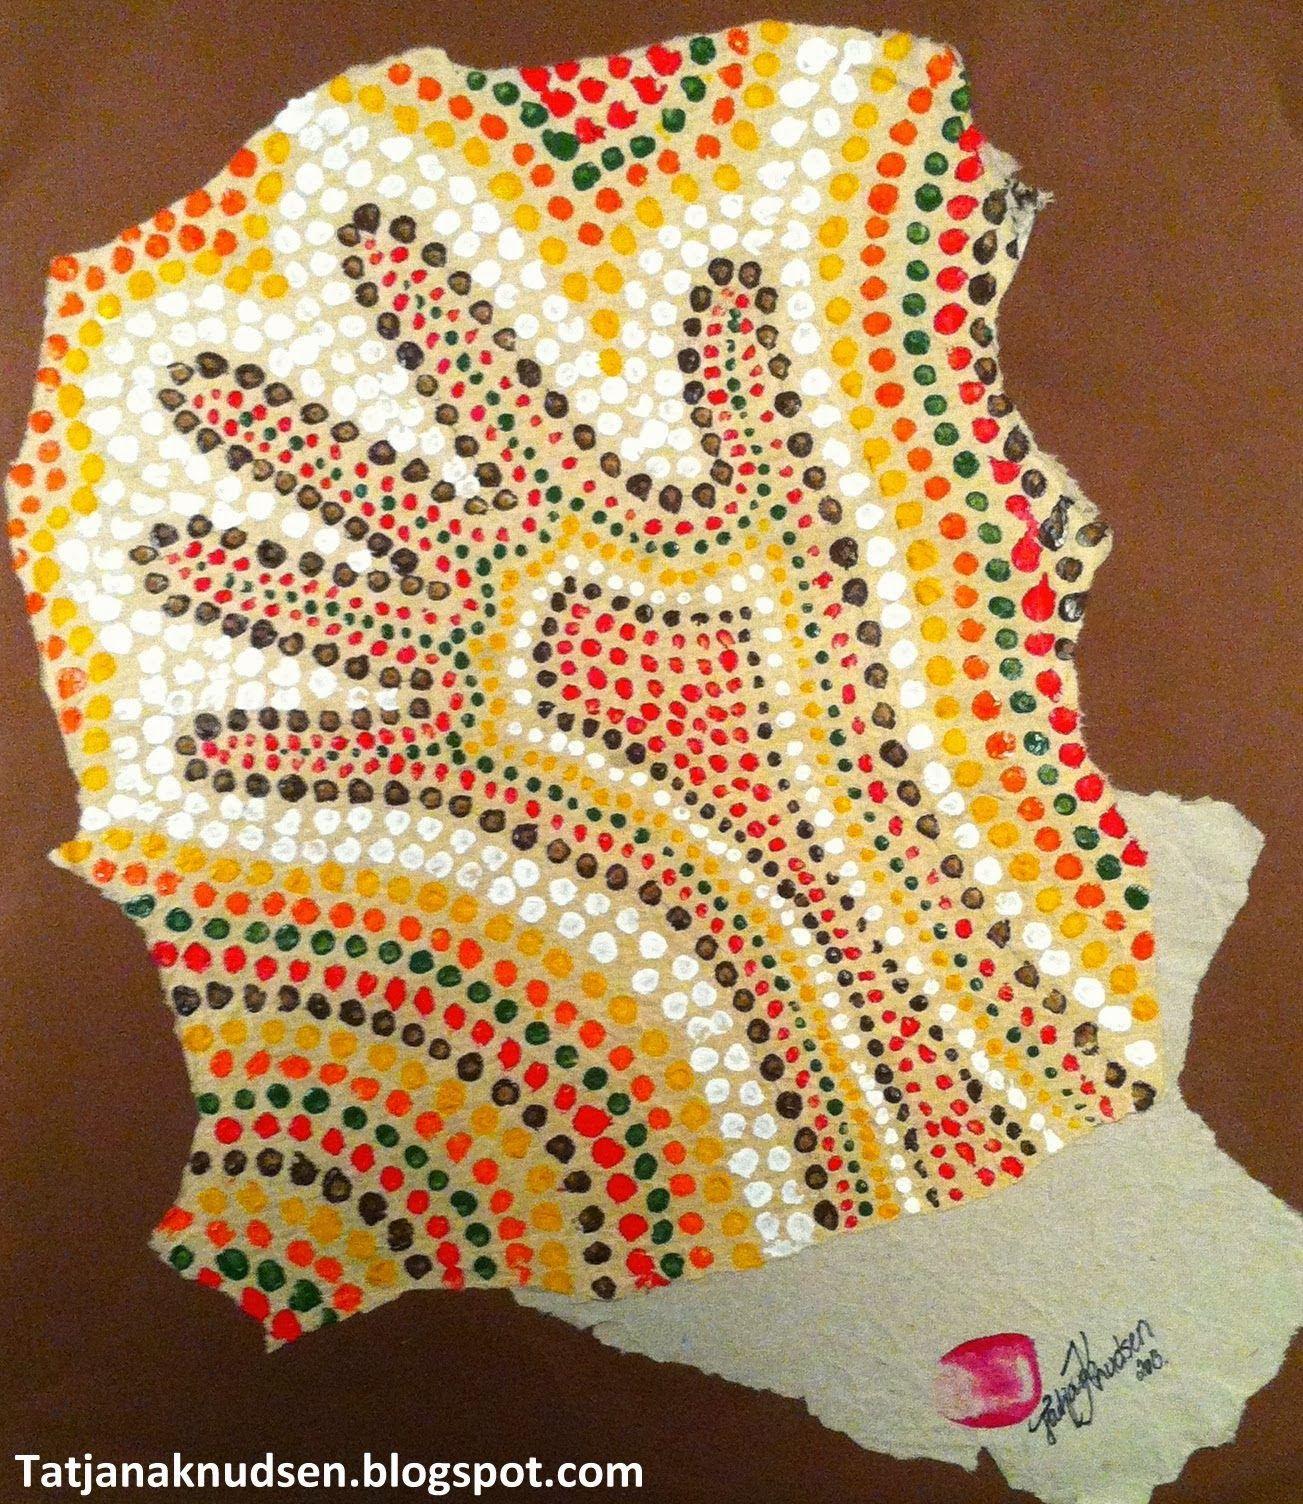 meet the creative part of me kan aboriginal kunst v kke elevernes opm rksomhed australian. Black Bedroom Furniture Sets. Home Design Ideas